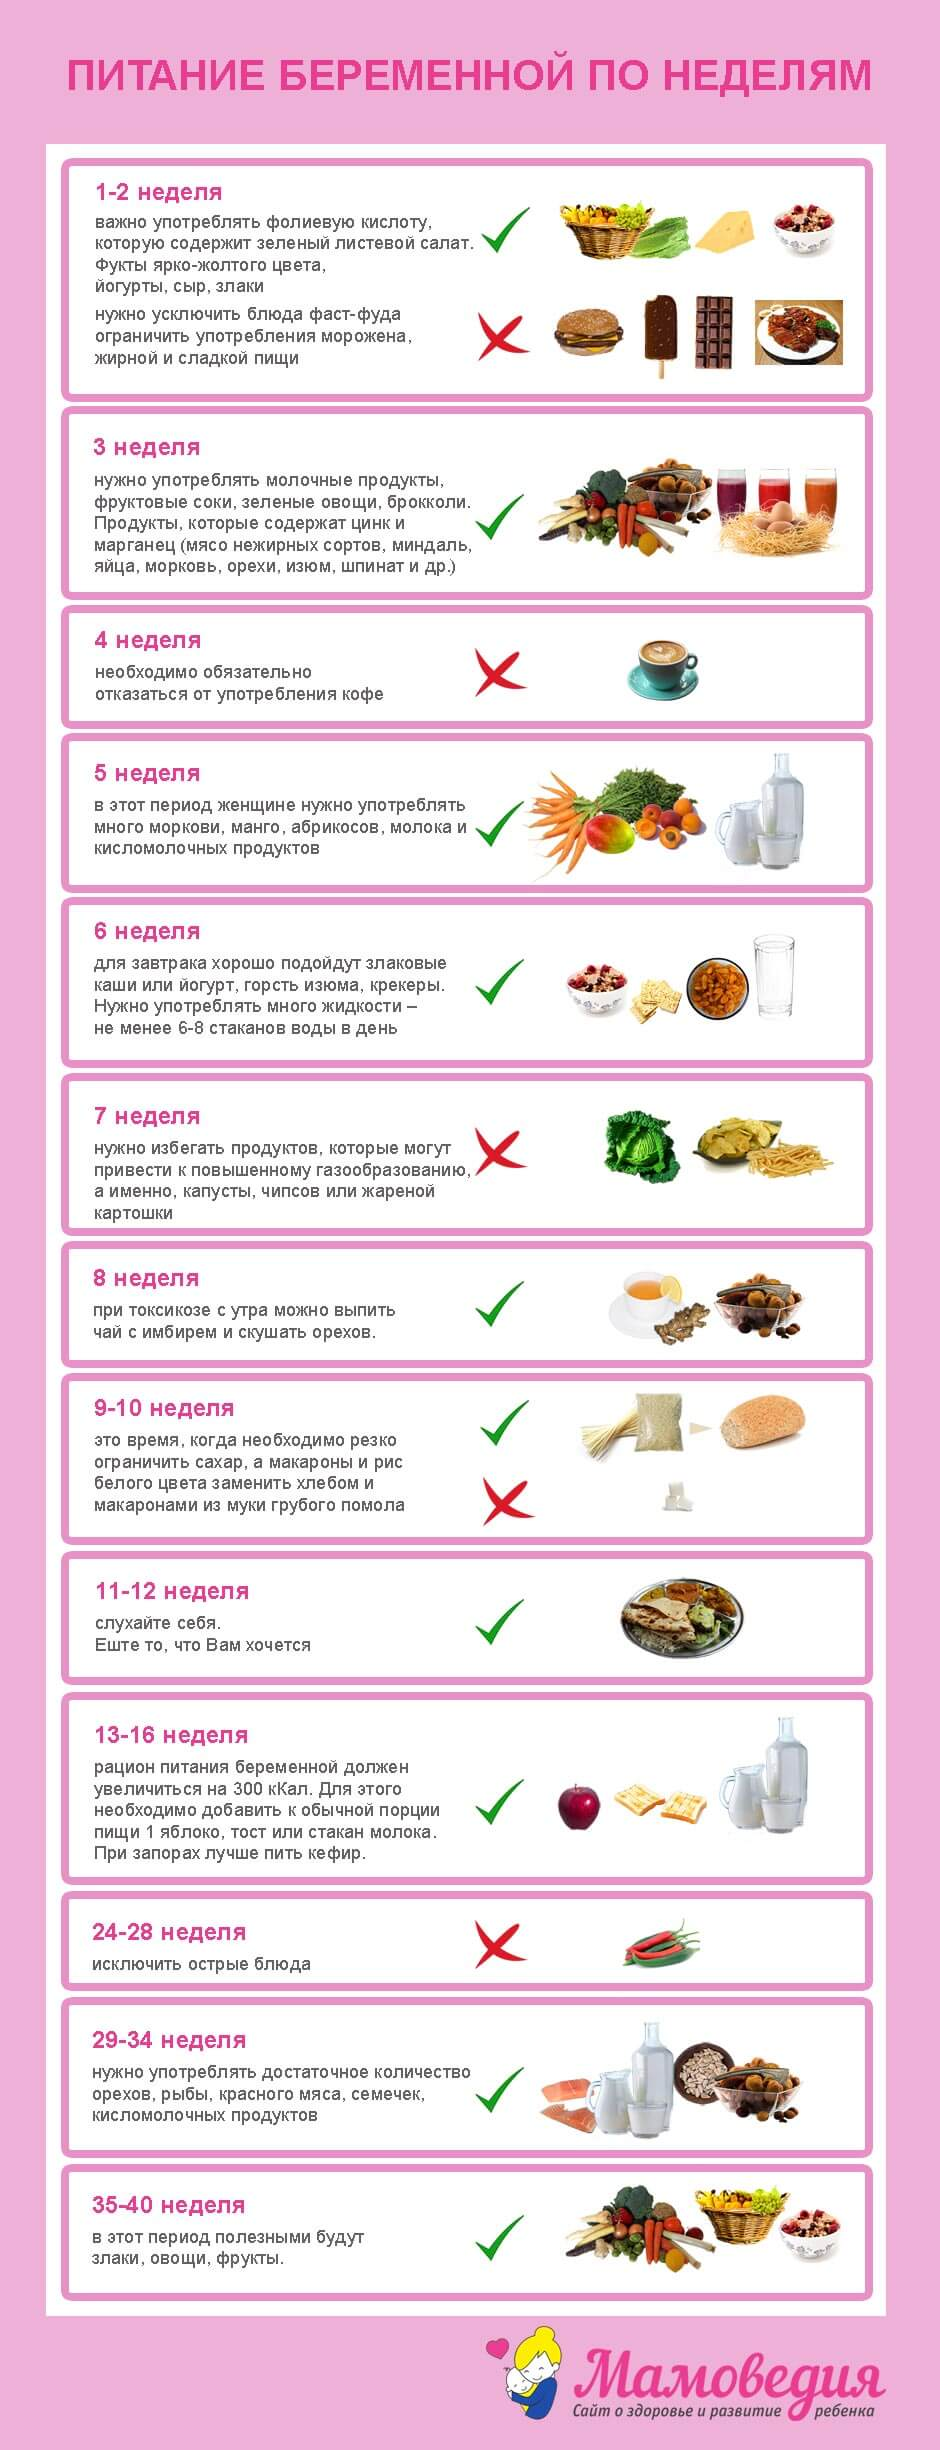 Какие фрукты полезны при беременности: нельзя есть мочегонные на ранних сроках